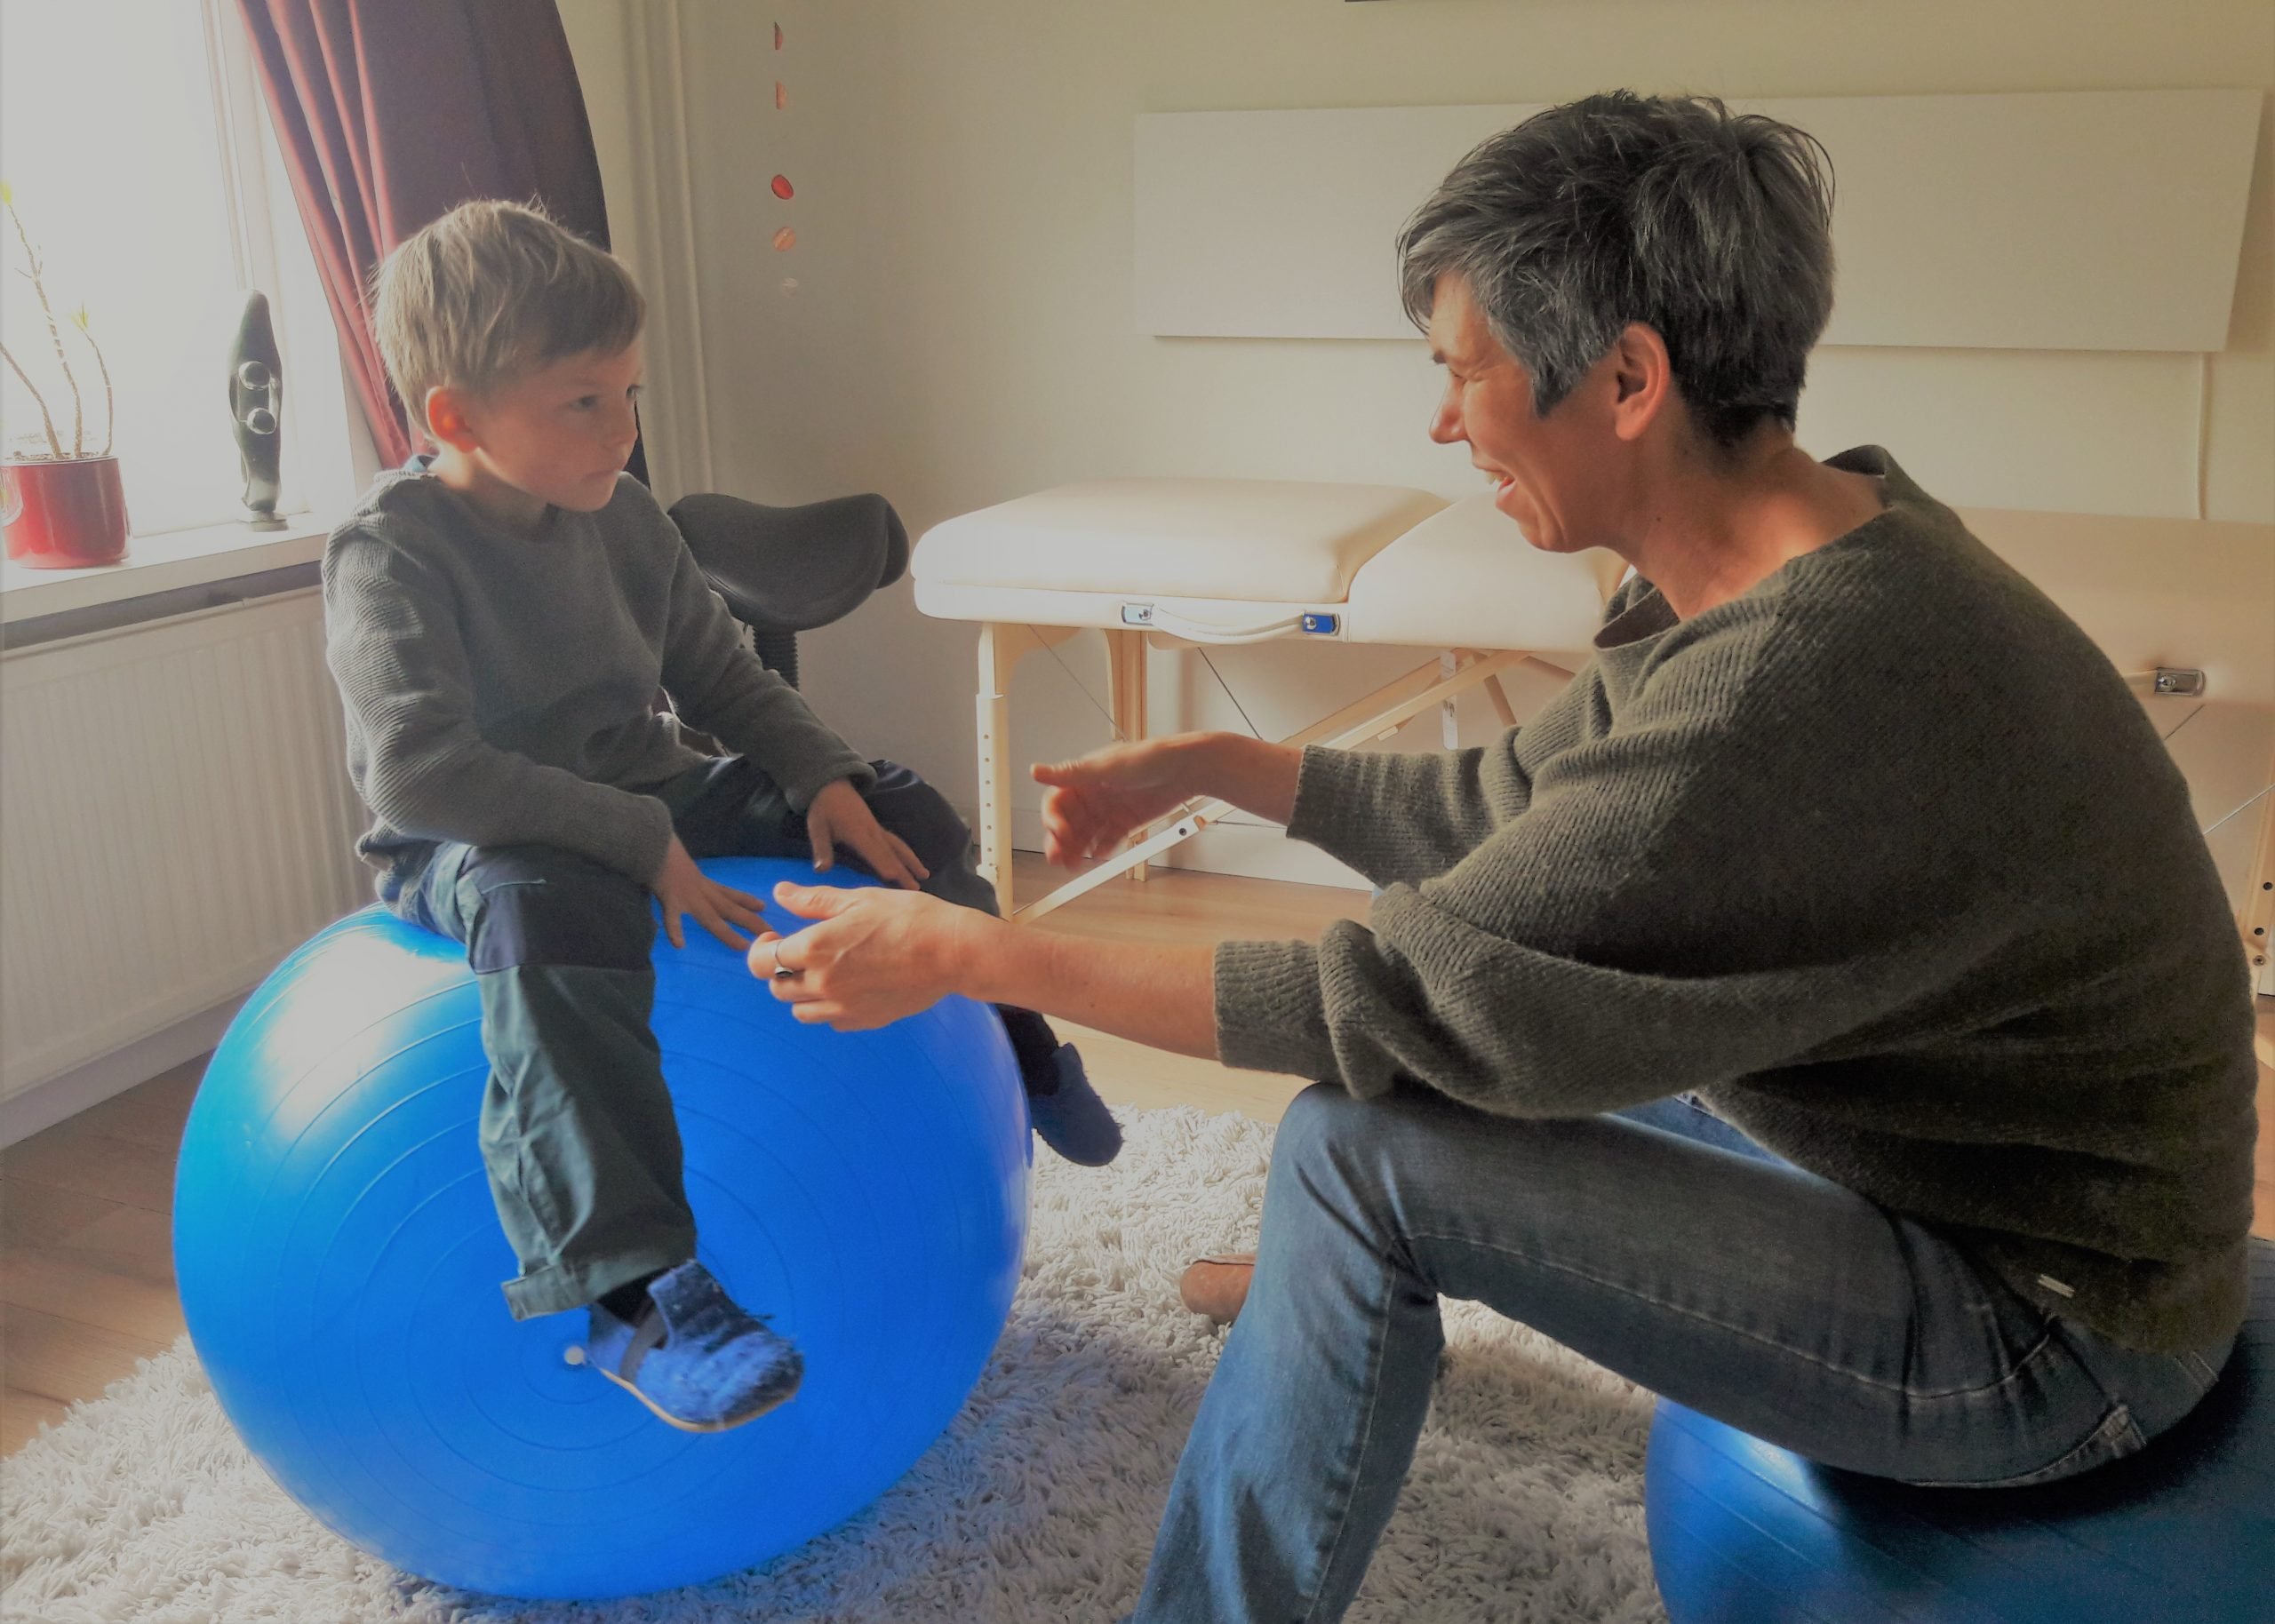 Afbeelding haptotherapeut met kind in Nijmegen